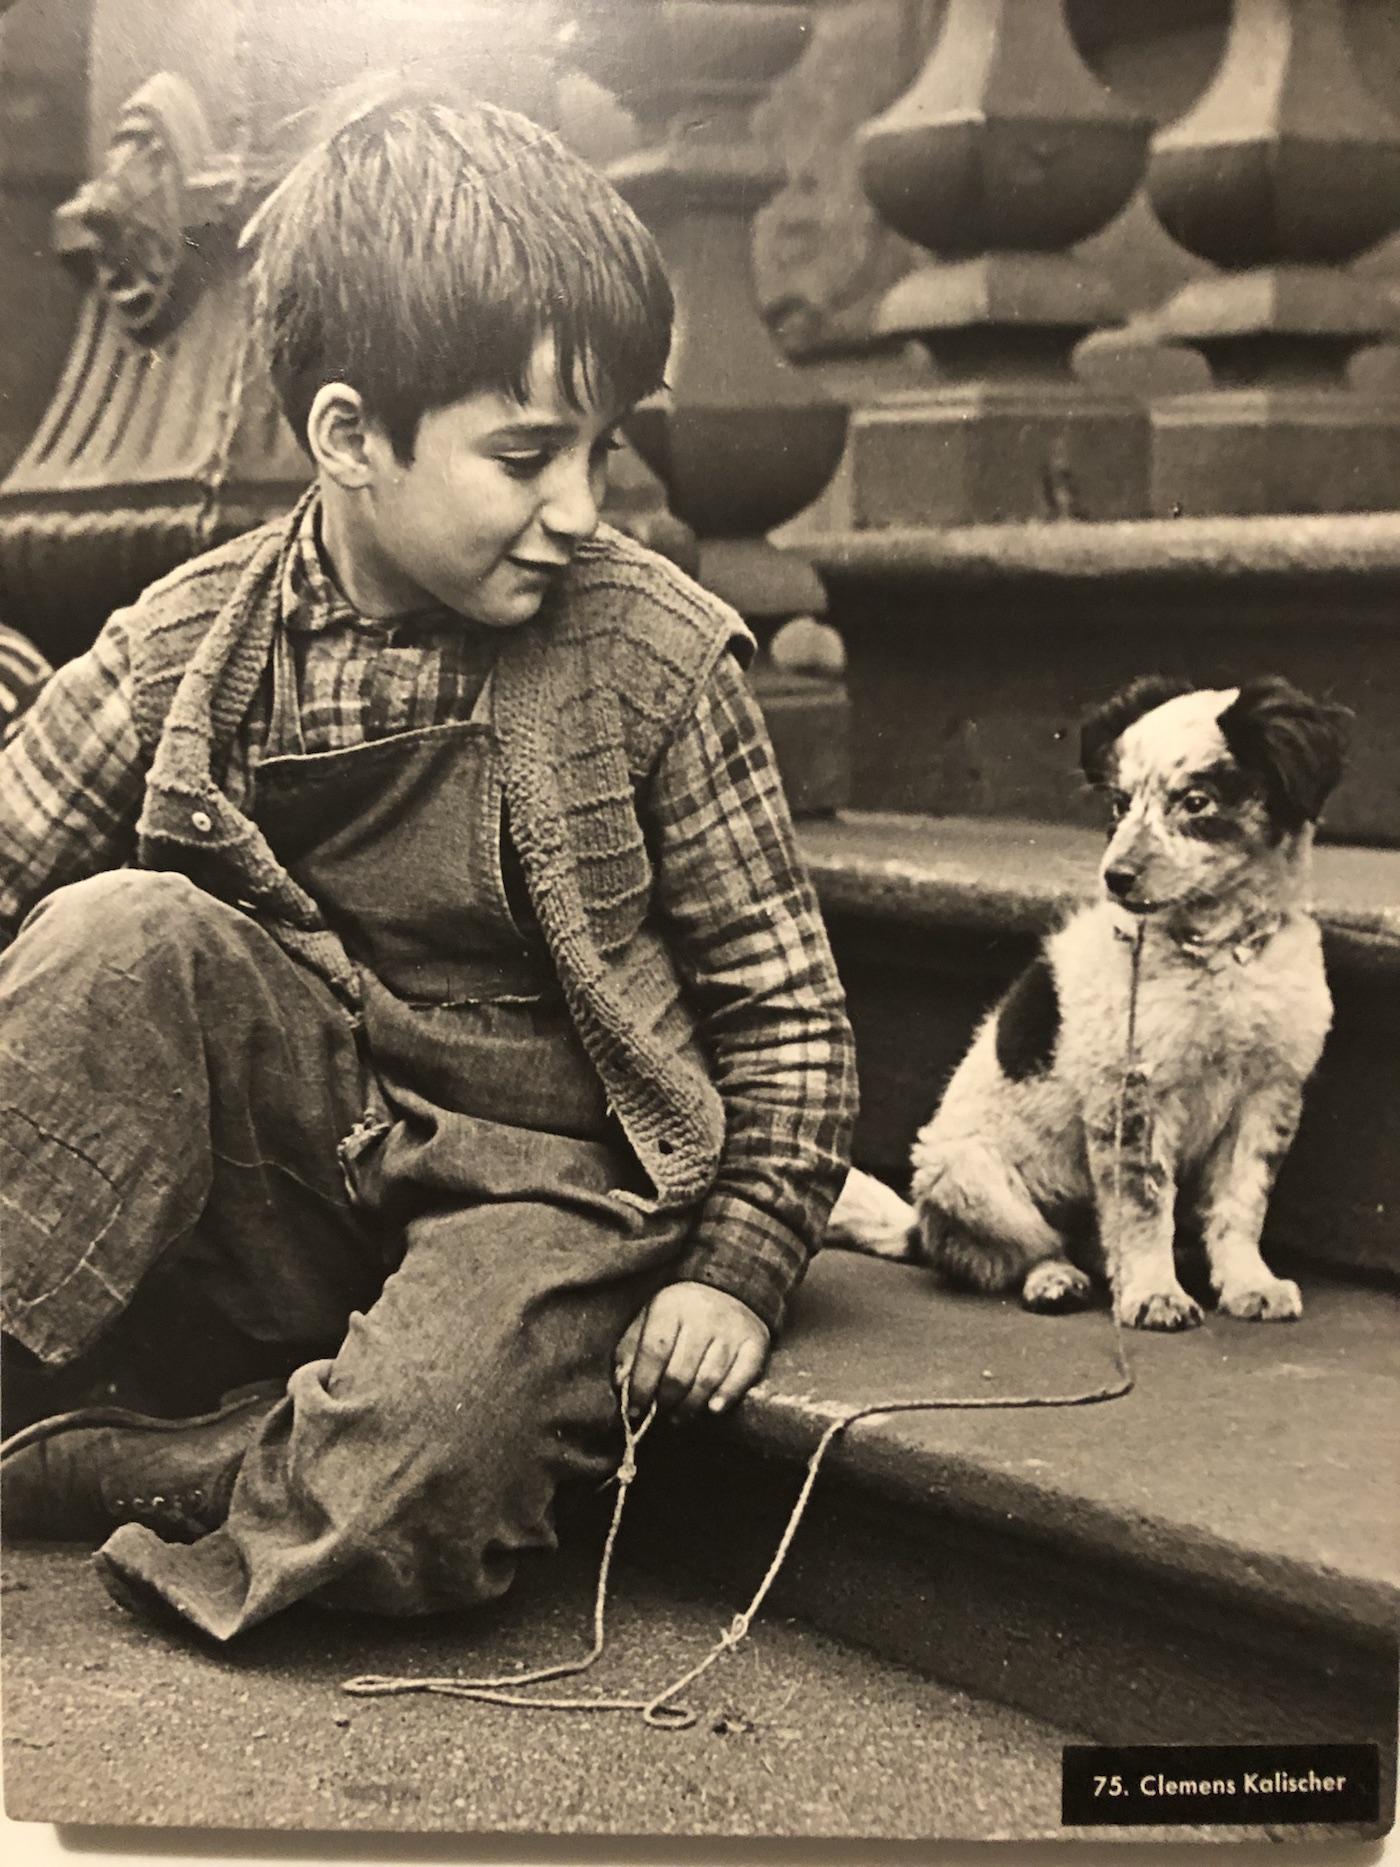 """Un'immagine del fotoreporter e fotografo d'arte americano Clemens Kalischer: fa parte dell'esposizione permanente """"Family of man"""""""